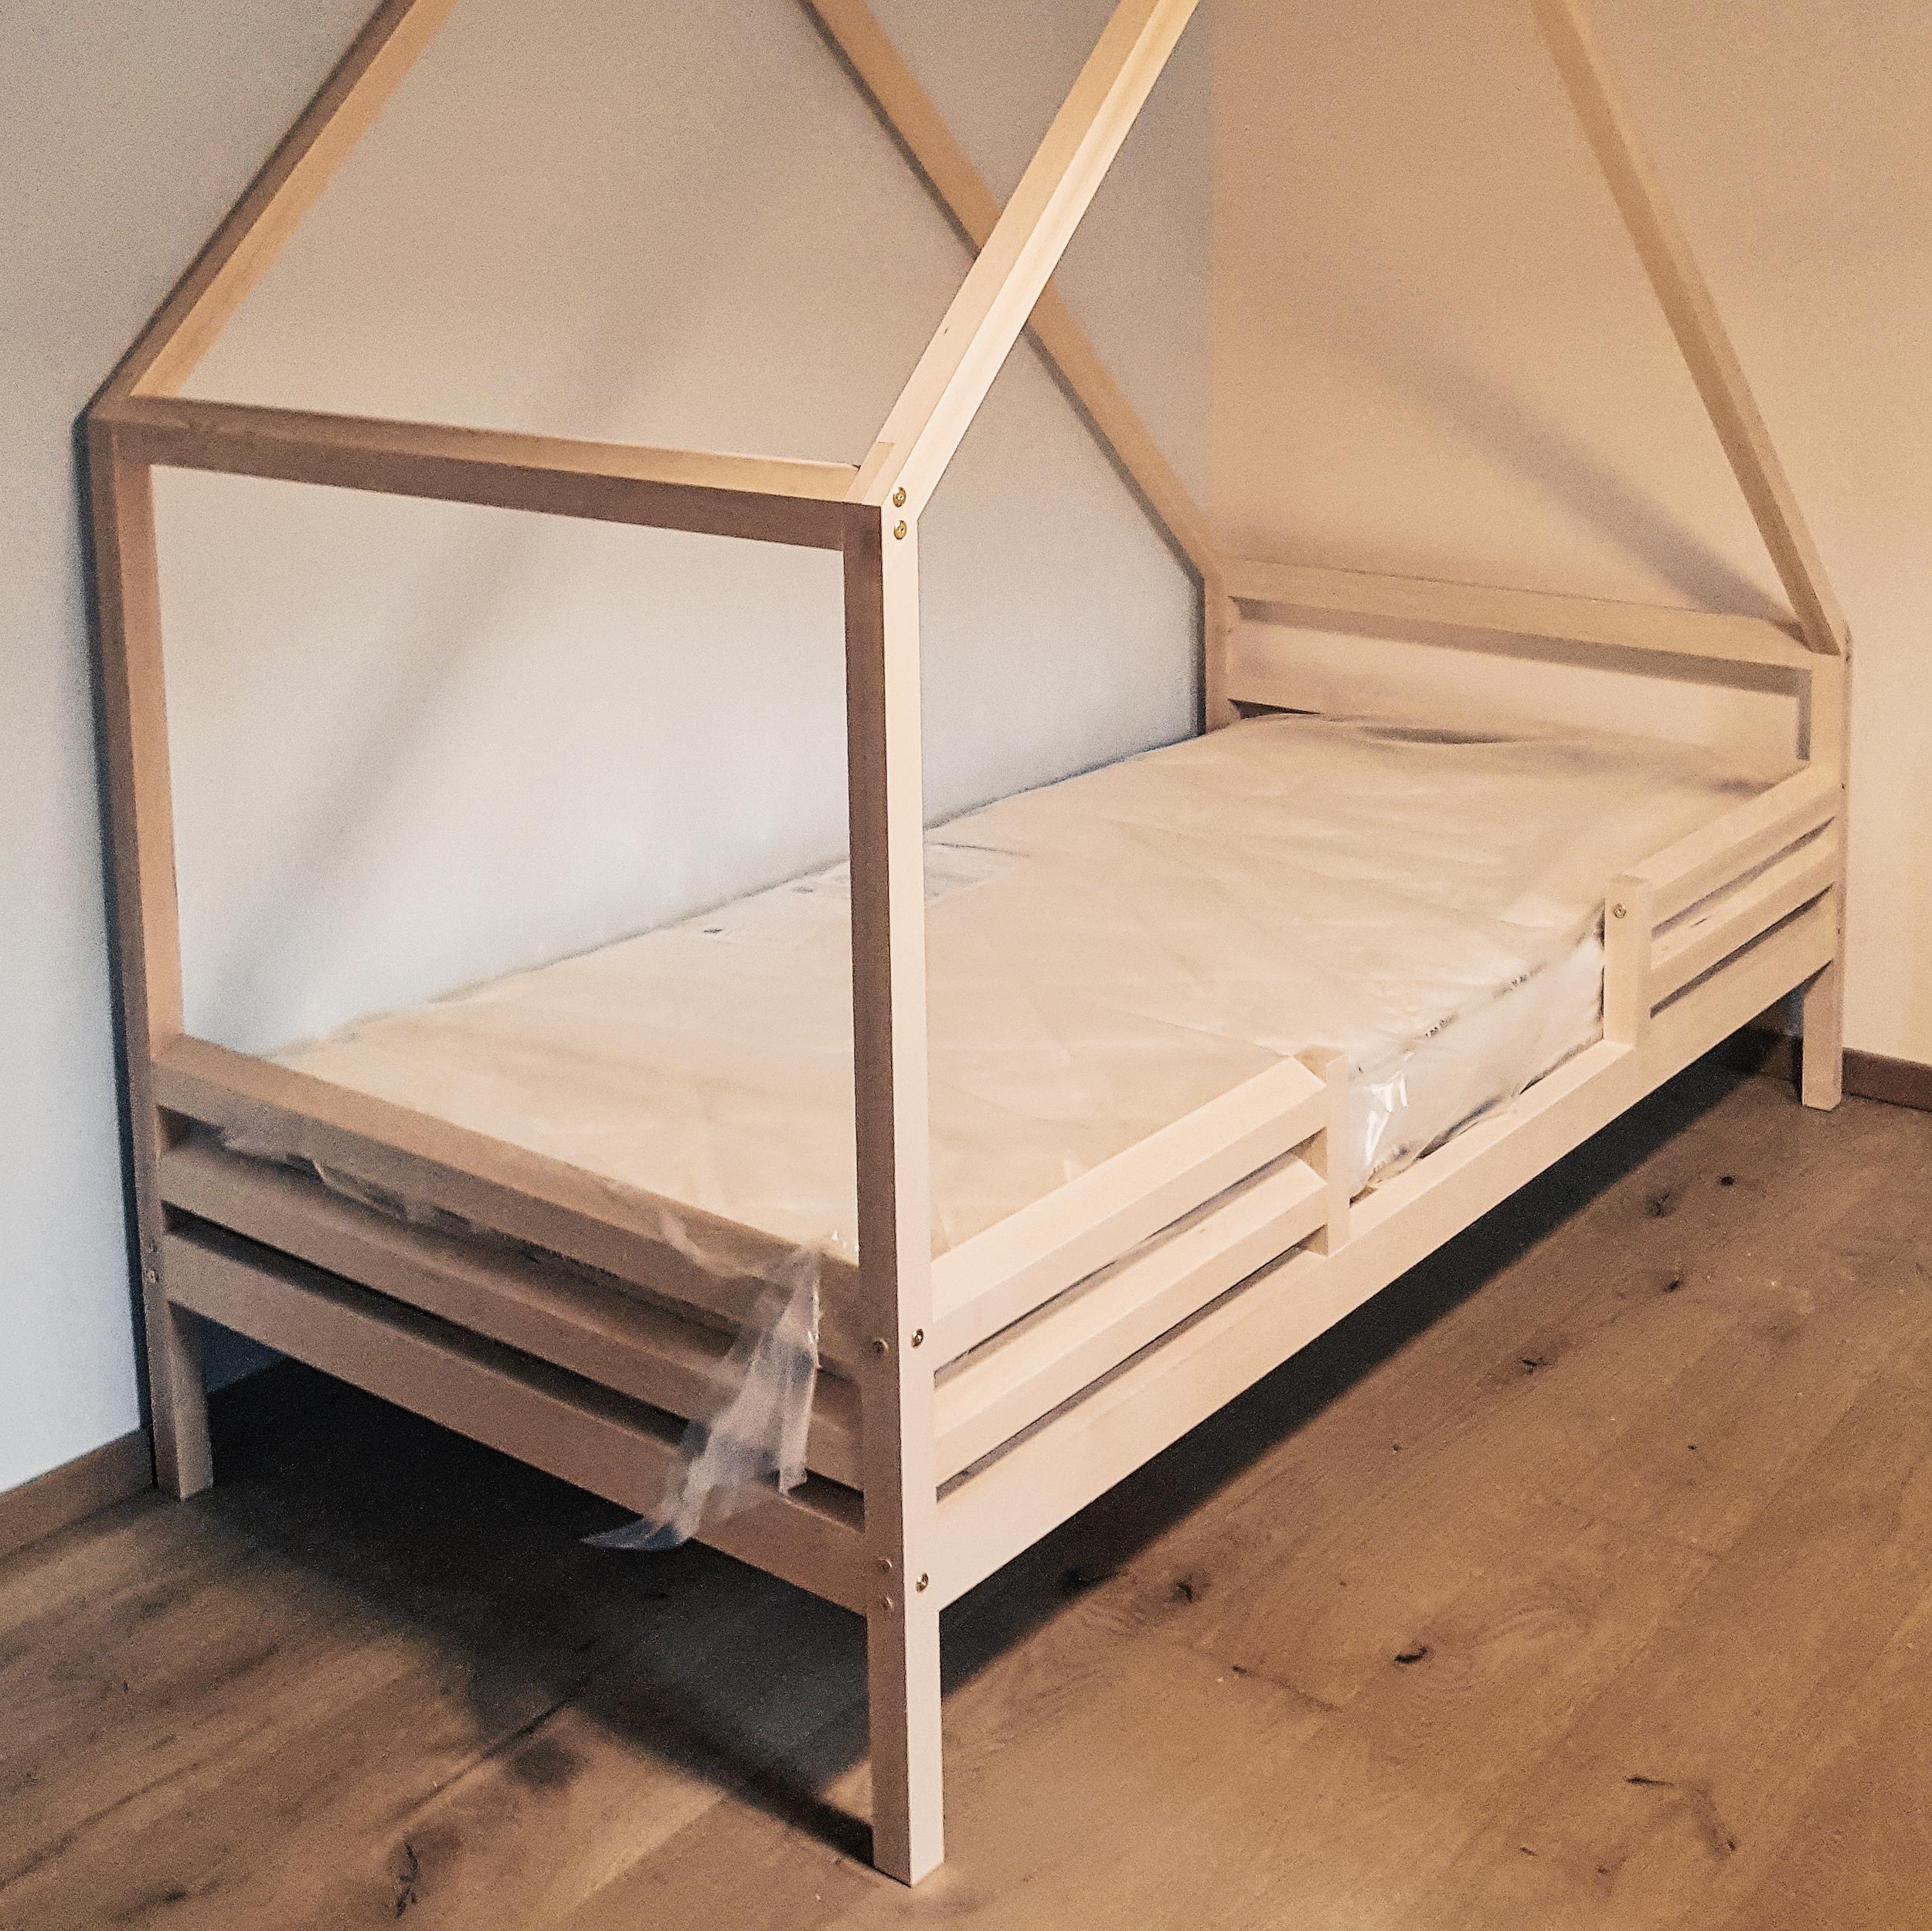 Chambre Lit Cabane Fille lit cabane lintukoto 90x190 (avec barrières)